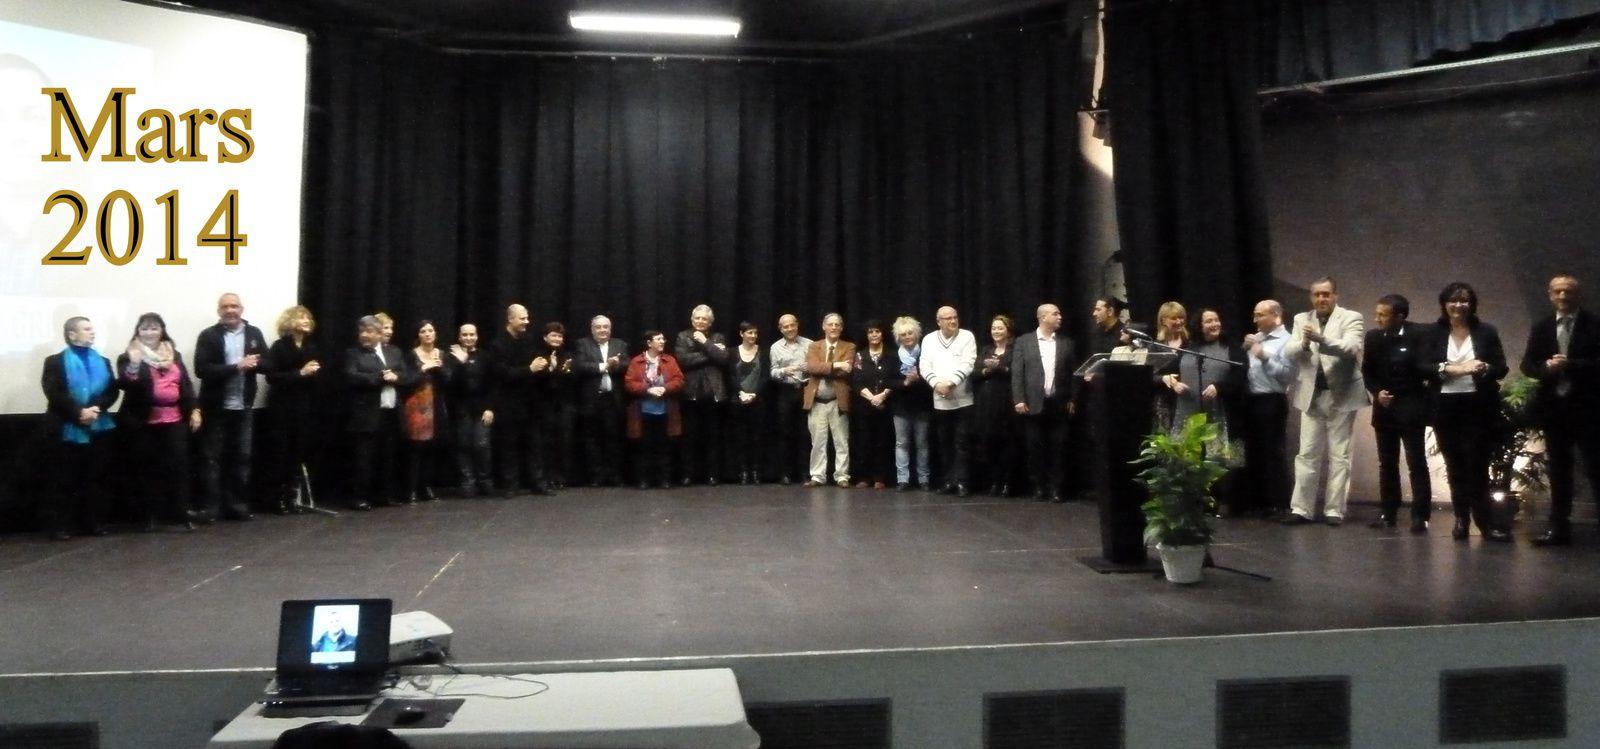 Les photos de tous les candidats et bien sûr le discours en totalité d'Evelyne Parisi, mais ce sera dans les jours à venir.